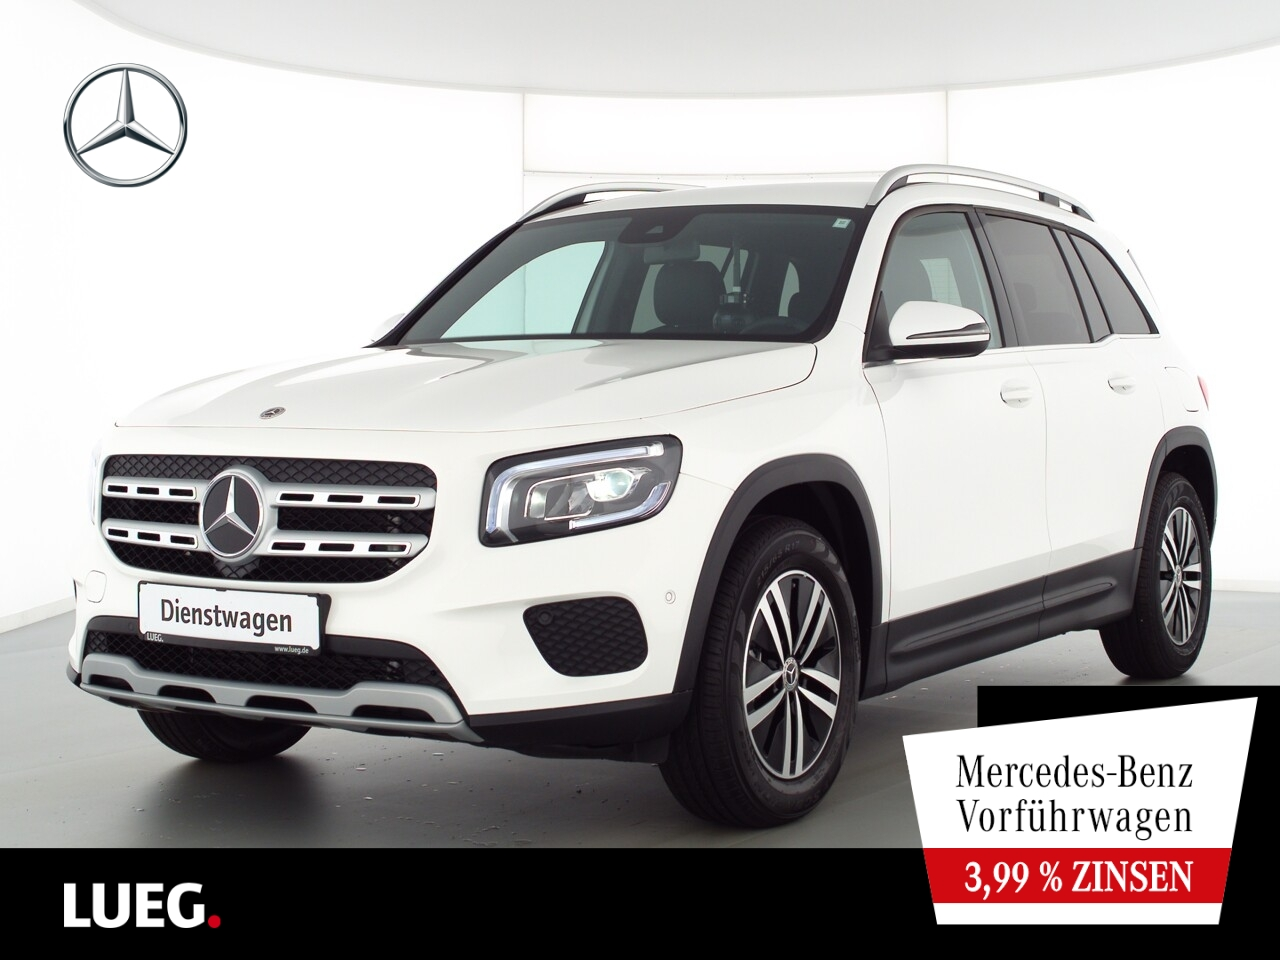 Mercedes-Benz GLB 180 STYLE+LED+KAMERA+DKL.GLAS+MBUX-ADVANCED, Jahr 2021, Benzin